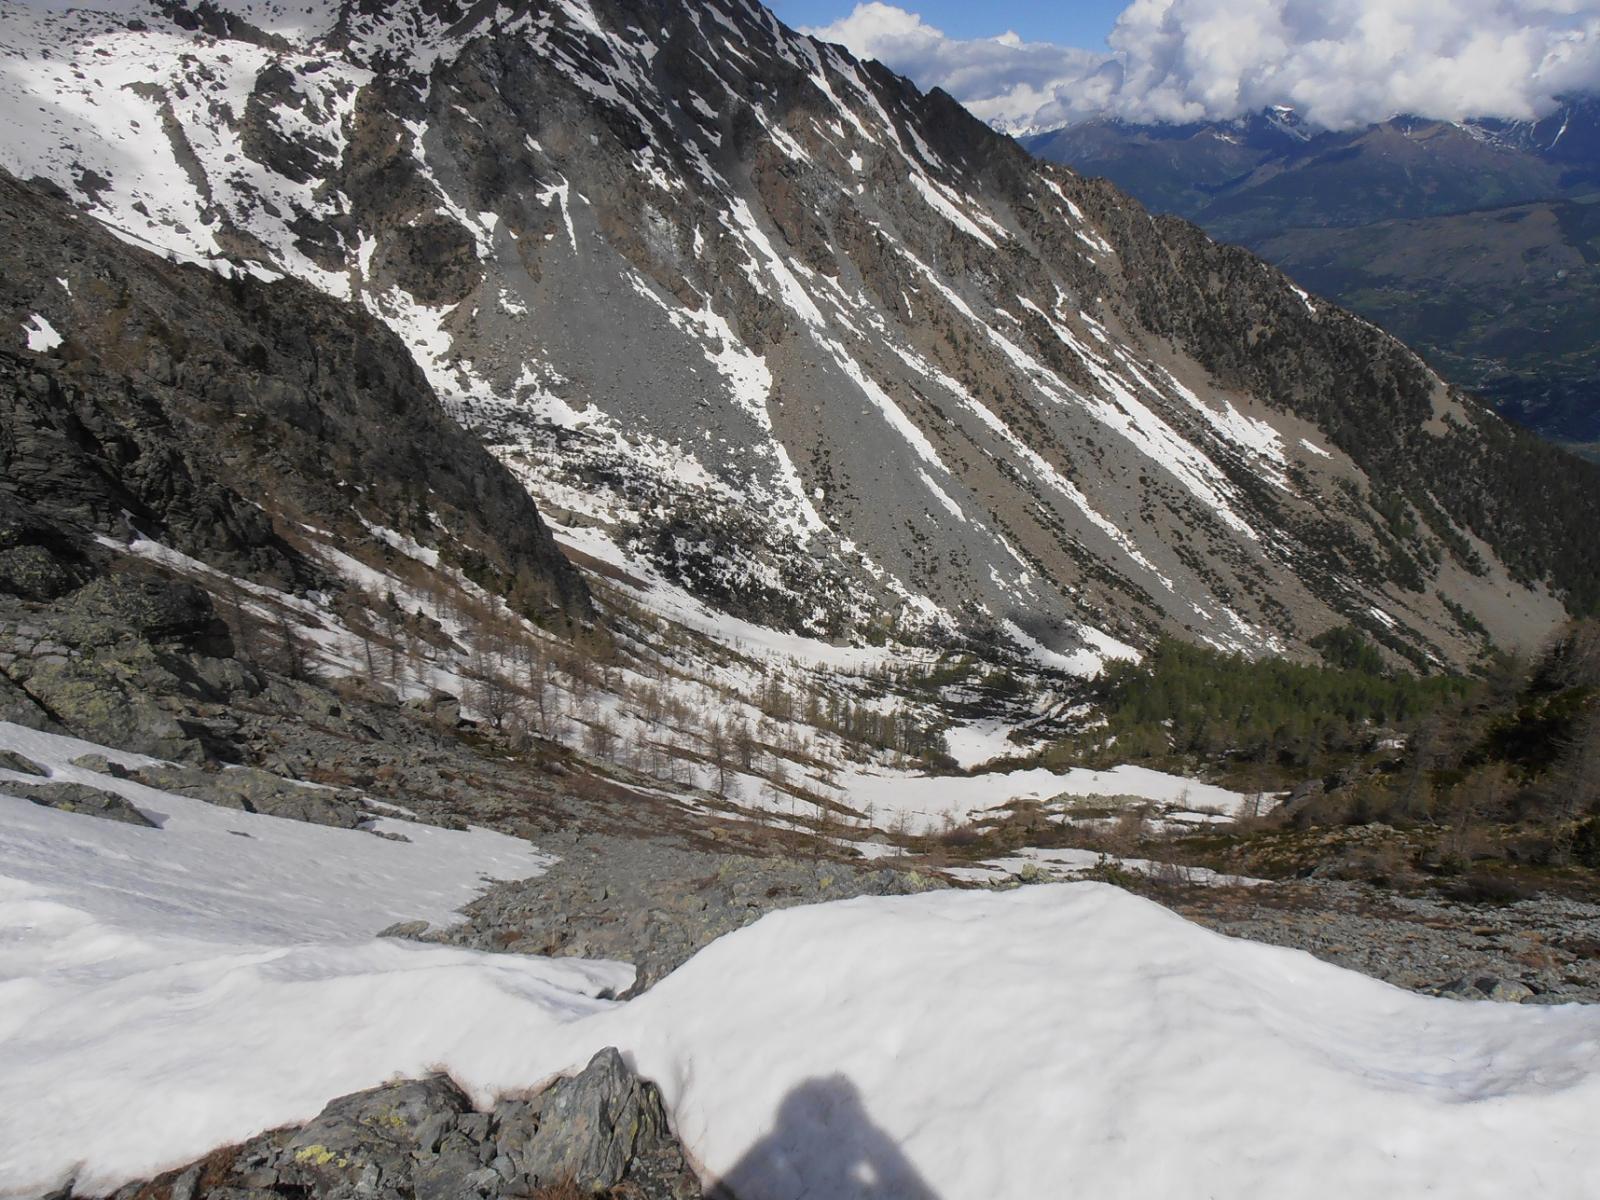 05 - La salita dal versante Nord del Colle di Valmeriana è ancora principalmente su beve